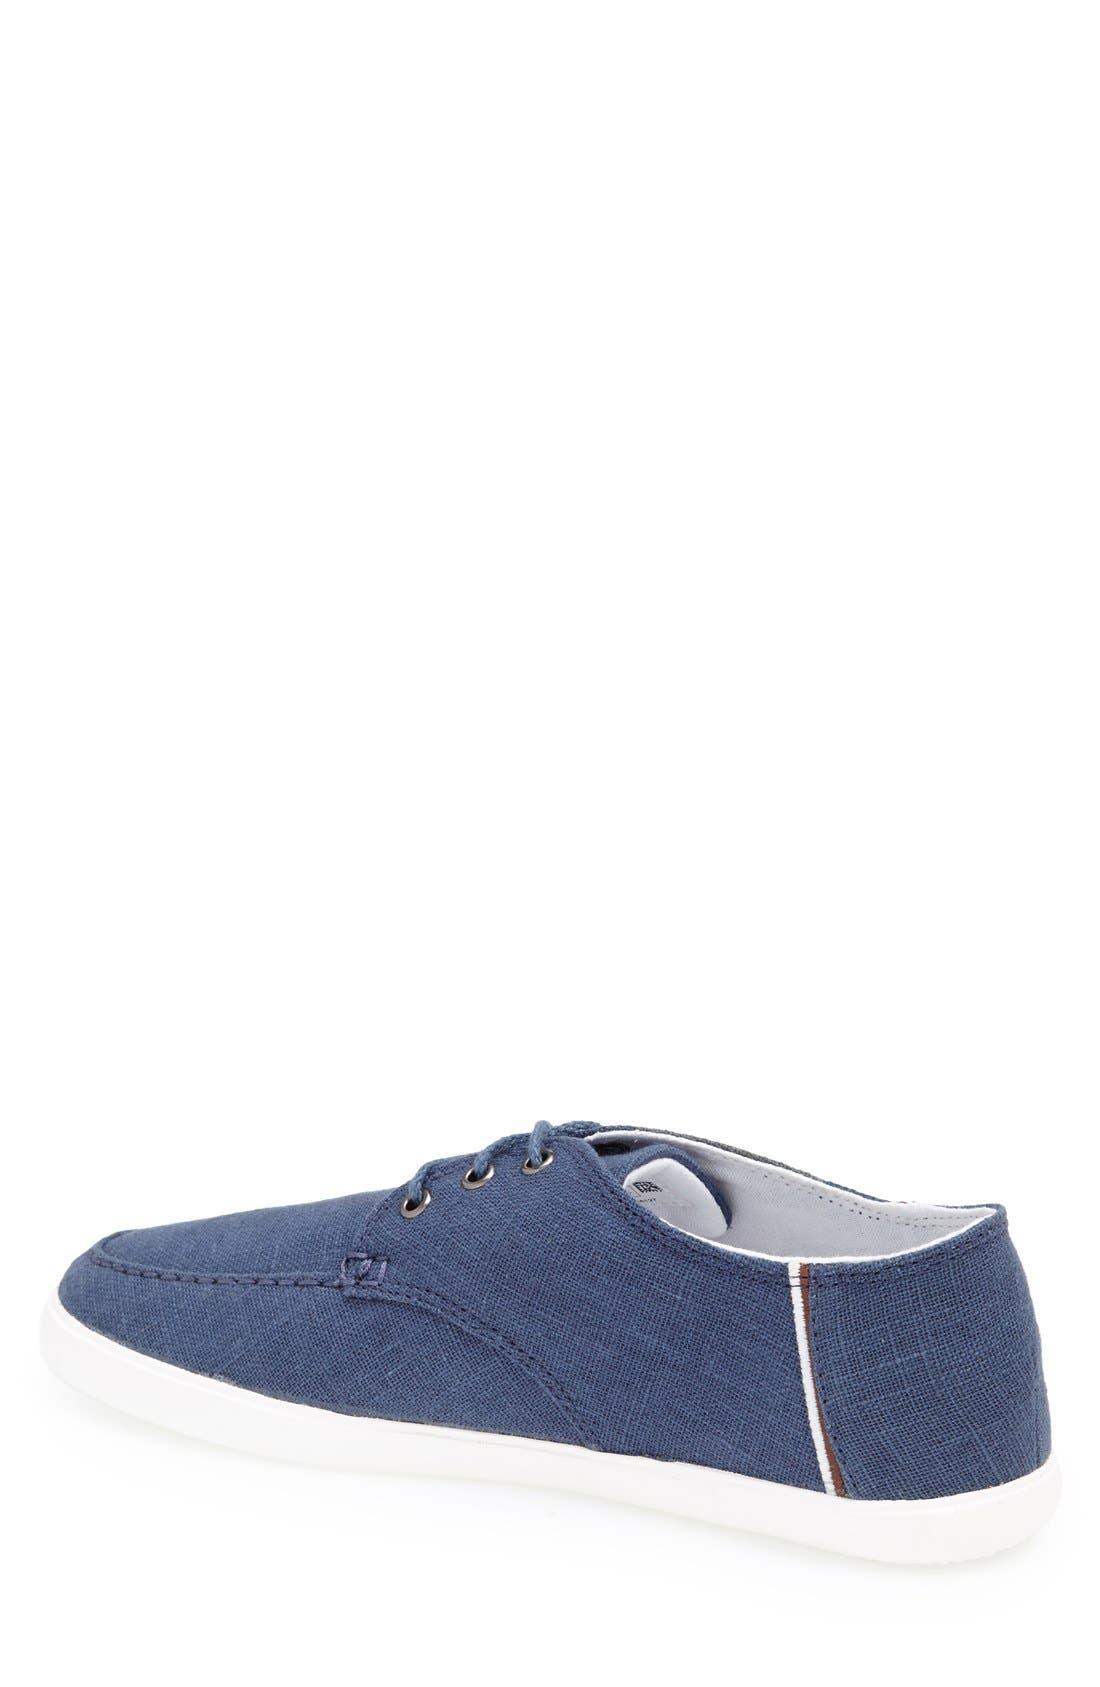 Alternate Image 2  - Lacoste 'Artiside 12' Sneaker (Men)